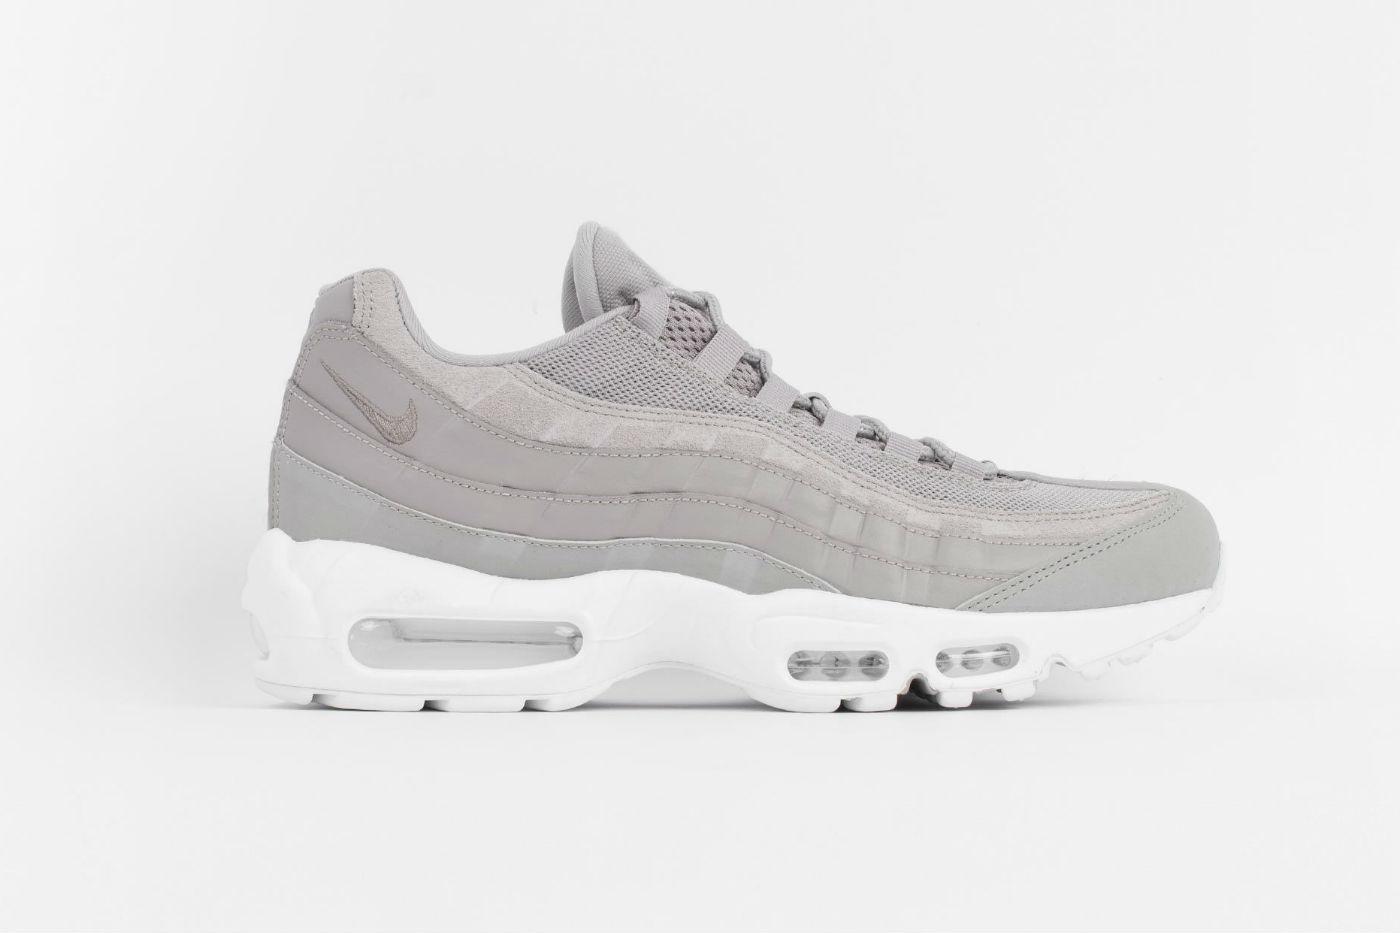 Nike Air Max 95 Premium Cobblestone/White